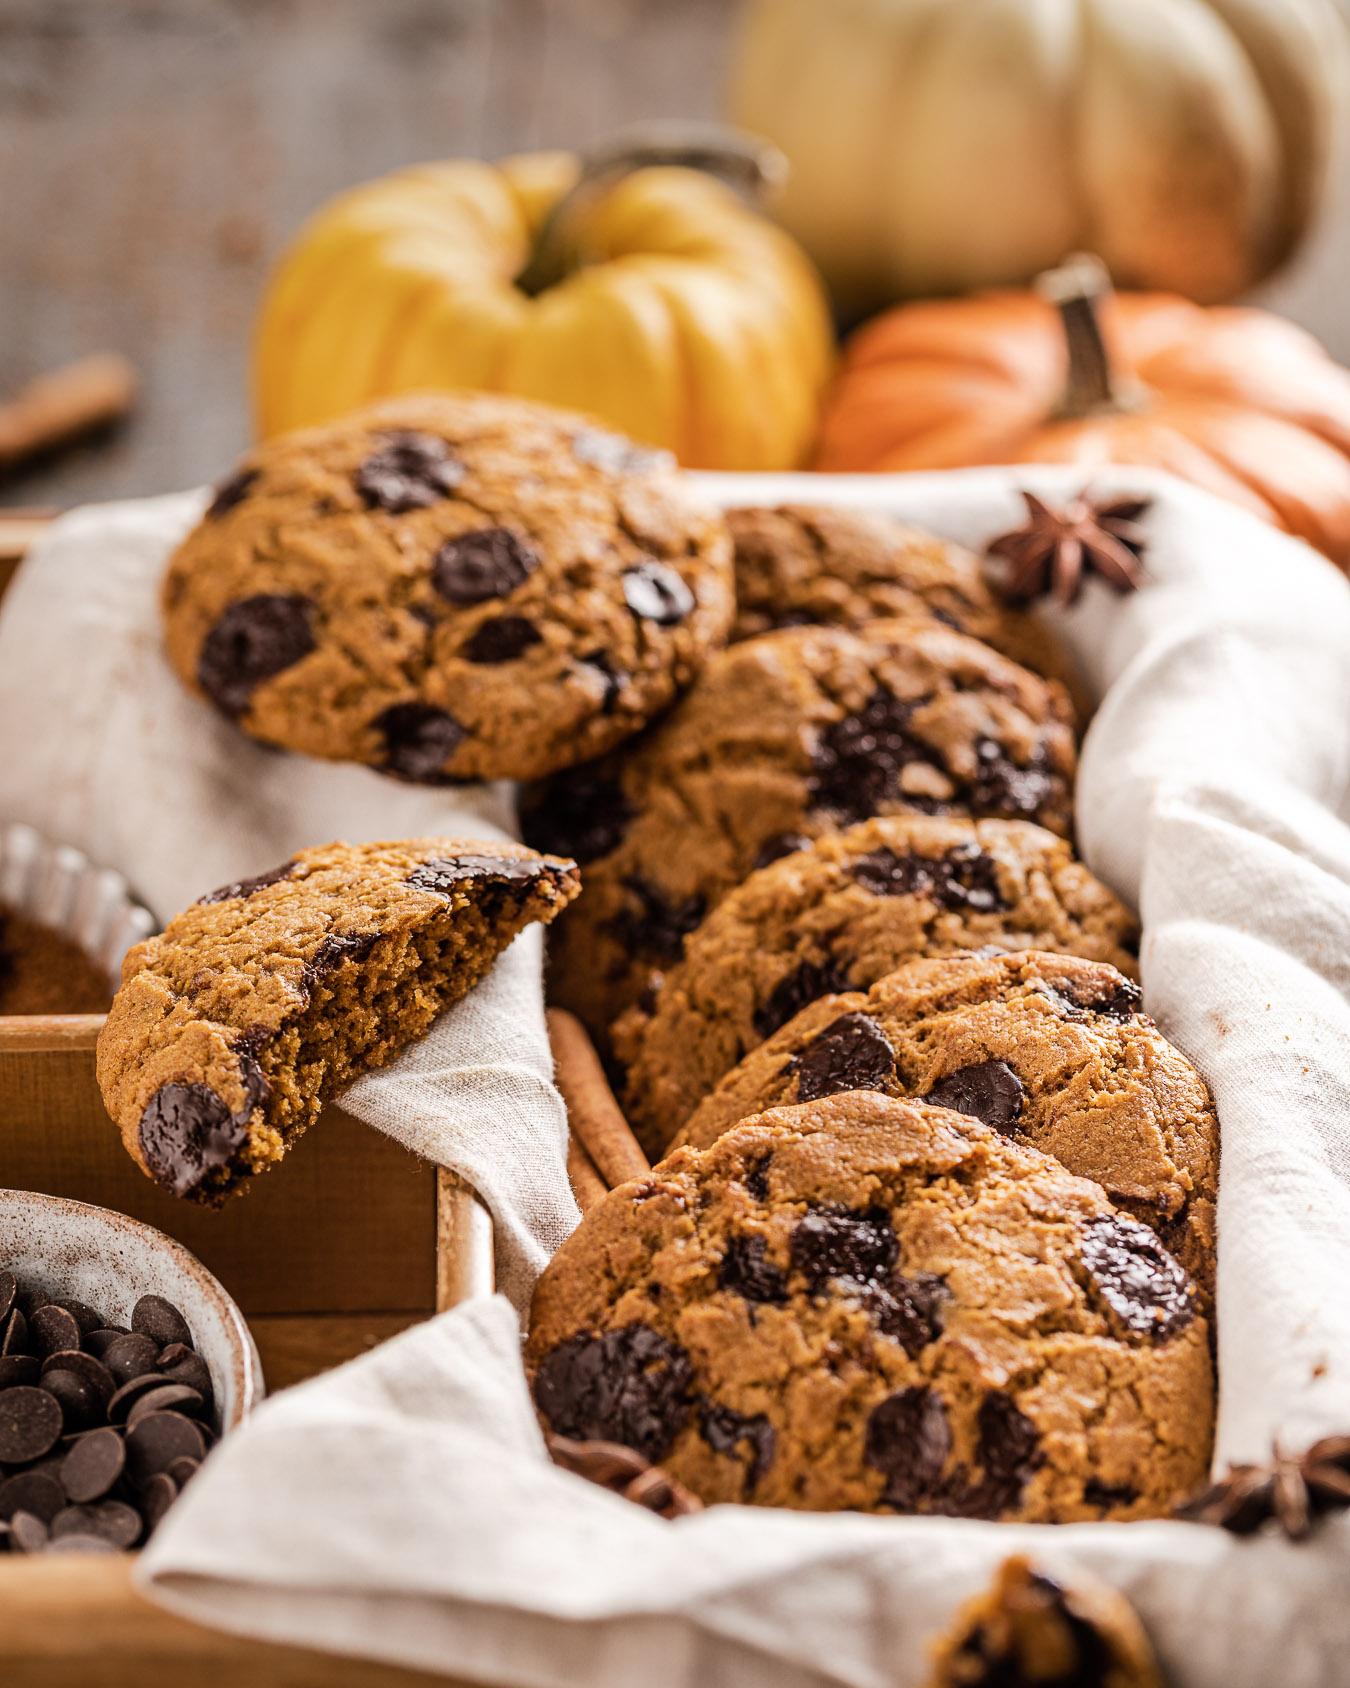 crispy and chewy VEGAN PUMPKIN CHOCOLATE CHIP COOKIES recipe photography ricetta COOKIES alla ZUCCA e CIOCCOLATO biscotti alla zucca e gocce di cioccolato sani e facili senza uova senza burro